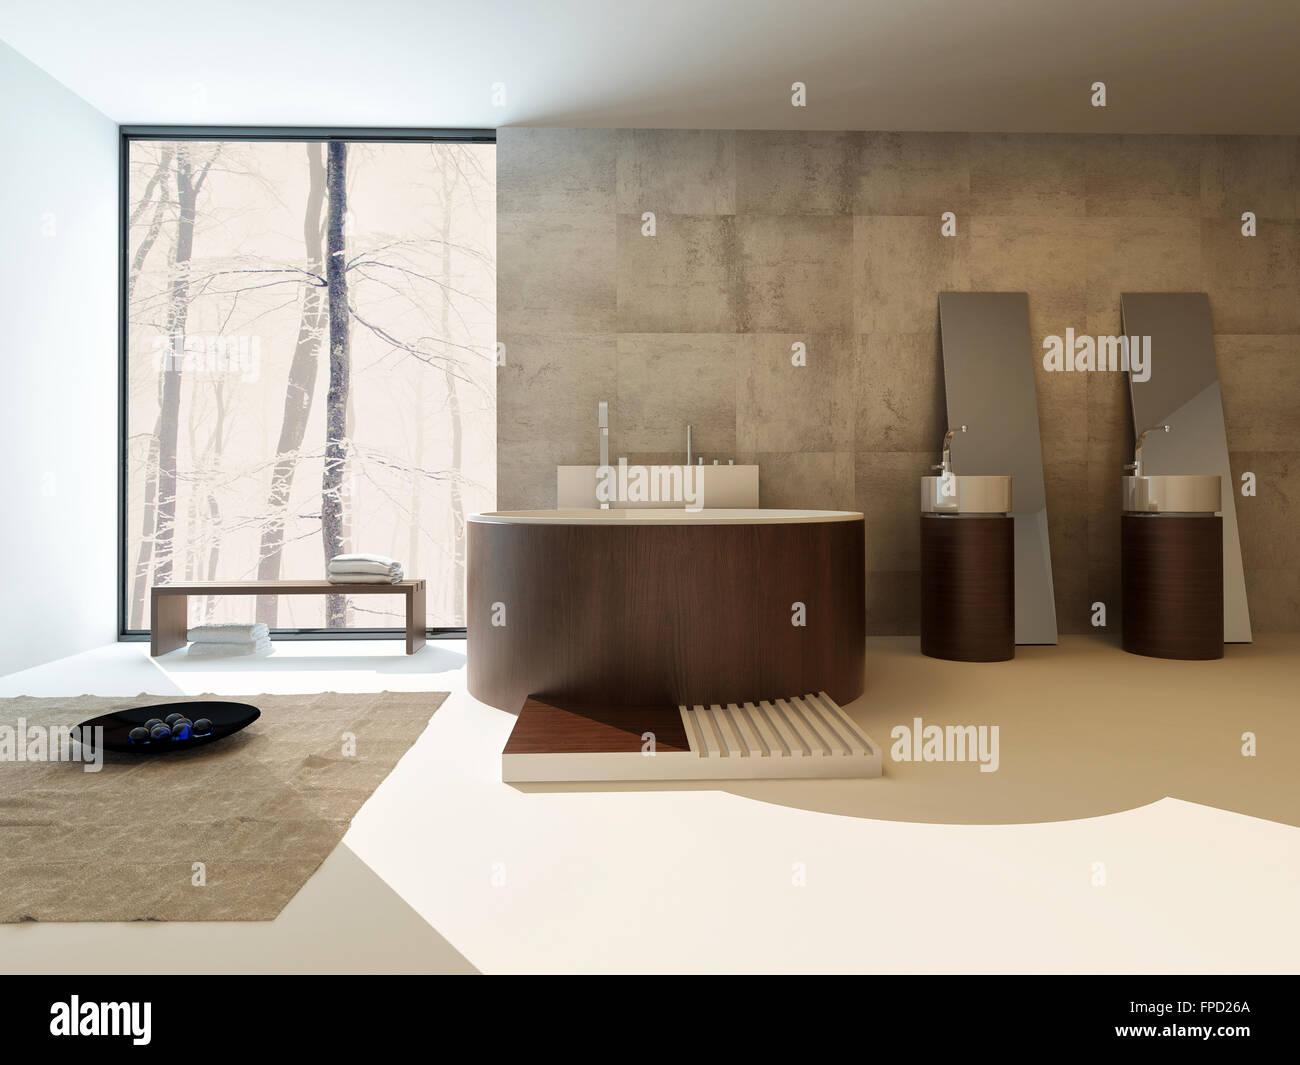 Modernes Badezimmer Interieur mit einer kreisförmigen braune Suite ...